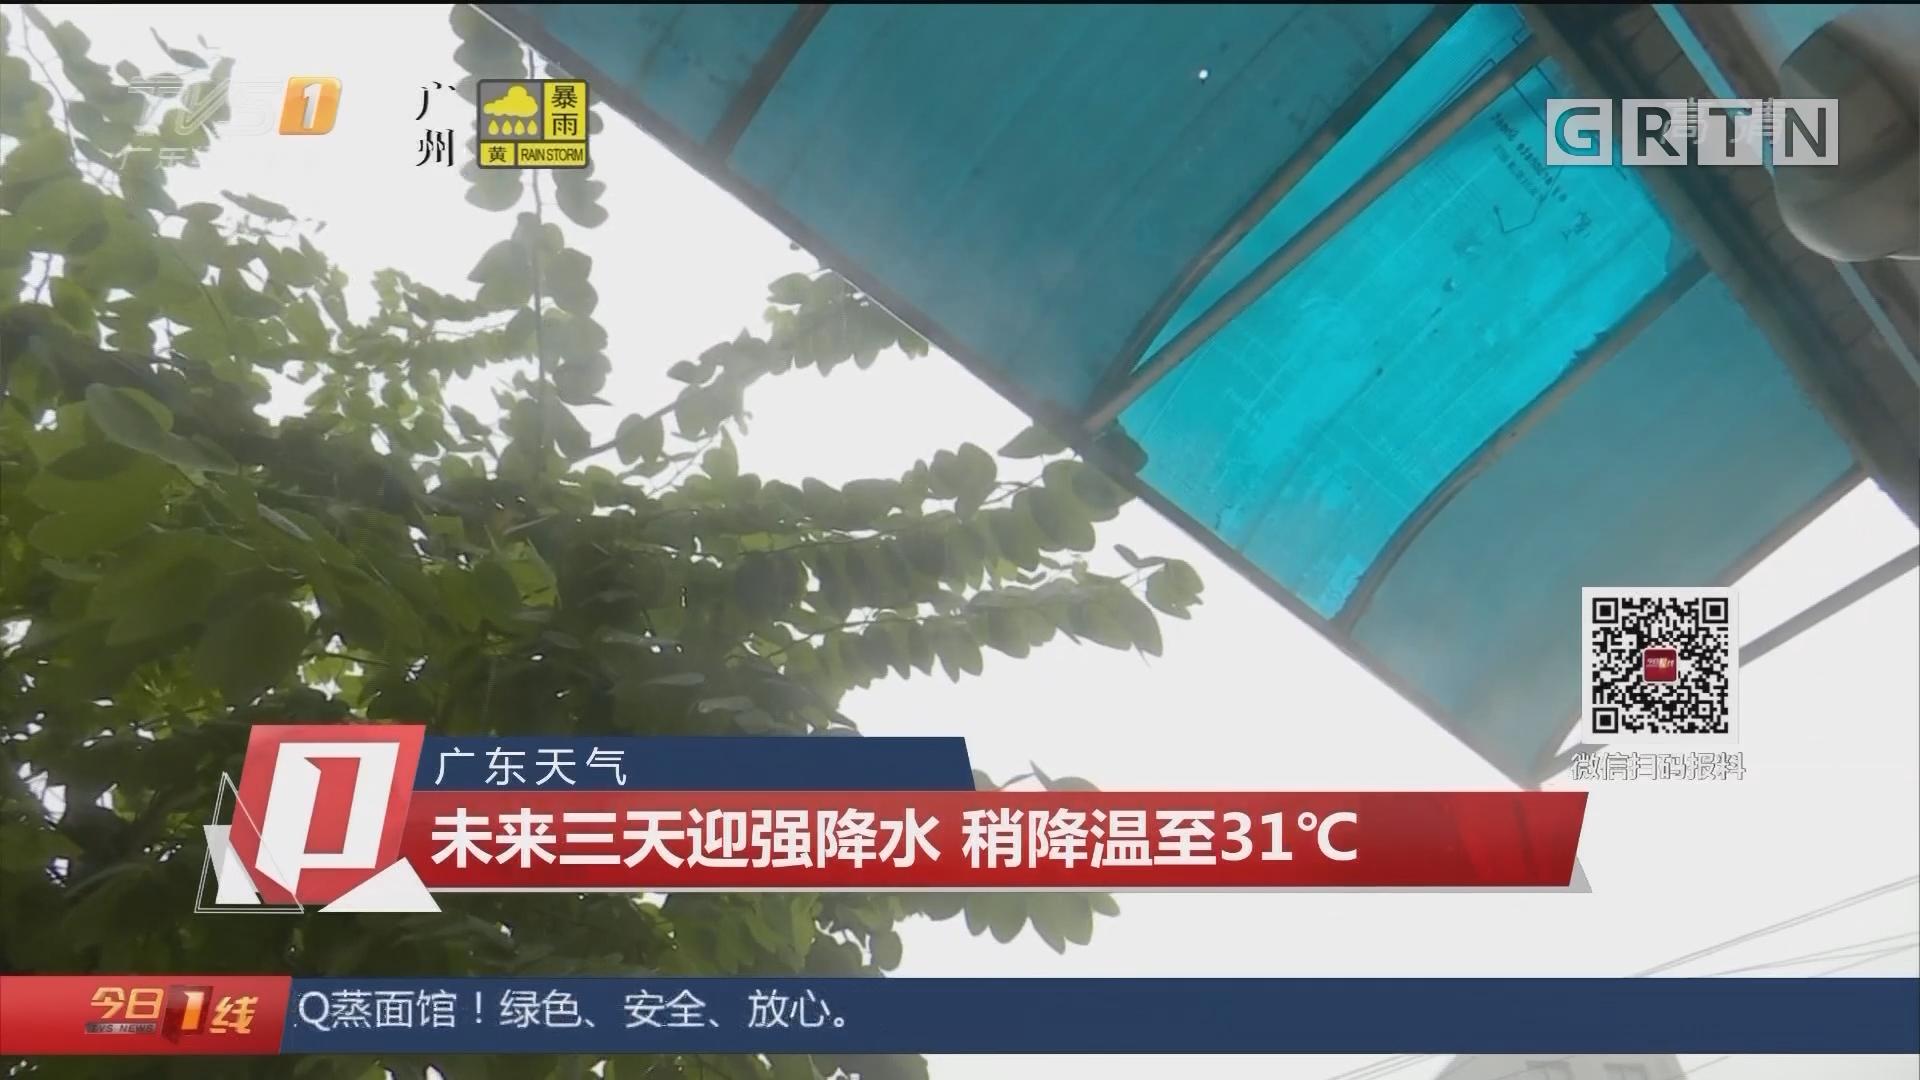 广东天气:未来三天迎强降水 稍降温至31℃